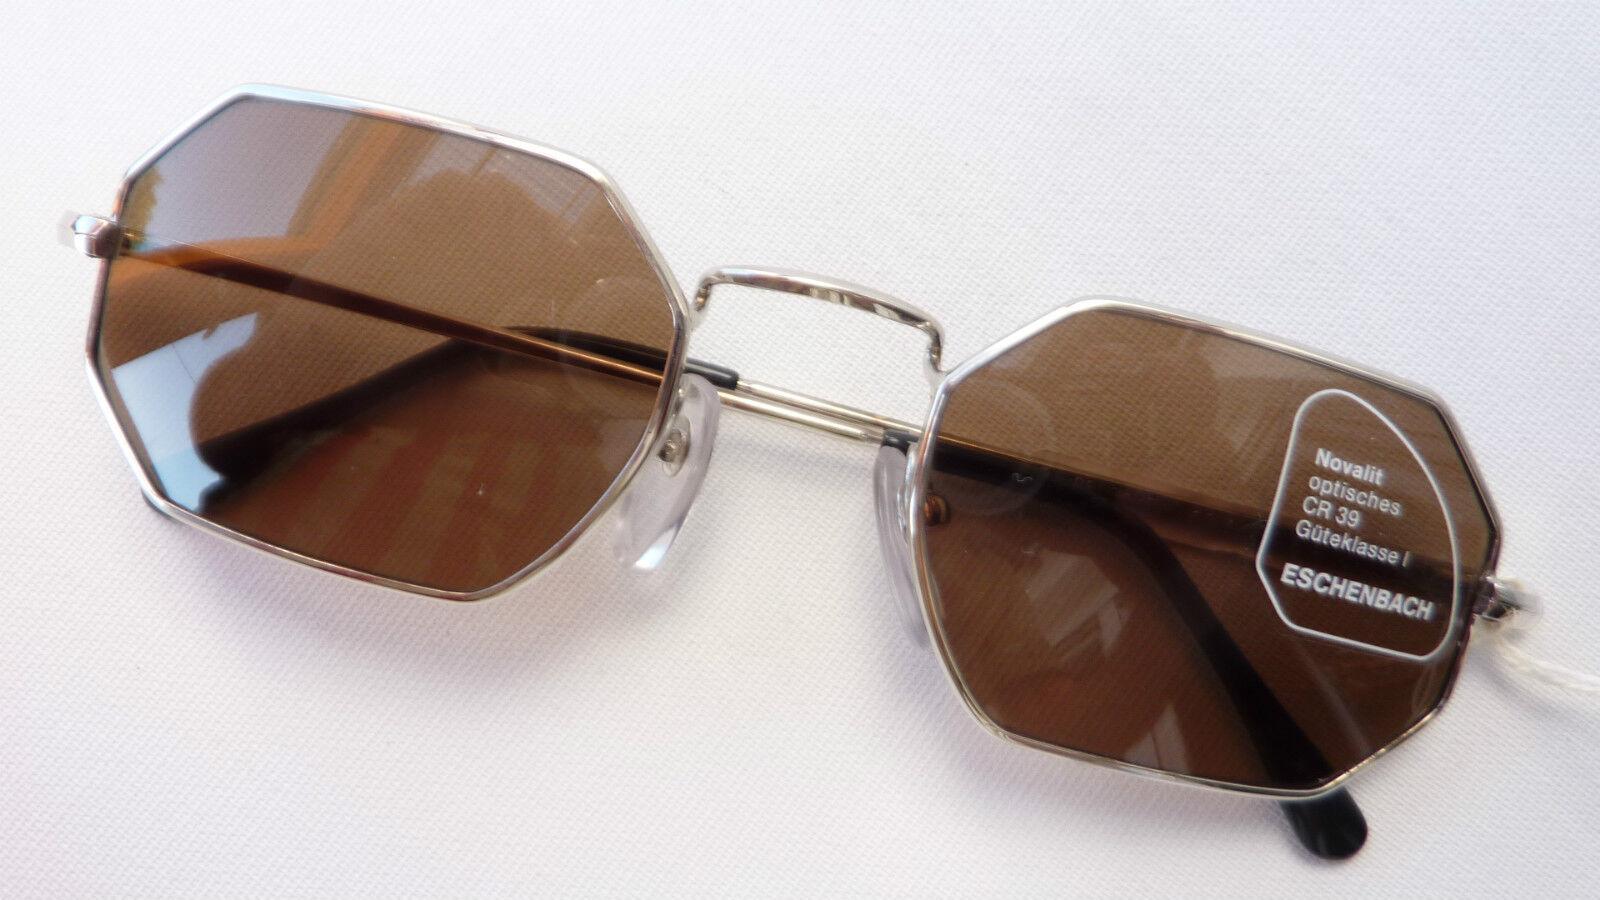 Eschenbach Metall Sonnenbrille Sonnenbrille Sonnenbrille unisex silber starke Tönung braun 100%UV  Gr. M       München Online Shop    Grüne, neue Technologie    Lebhaft und liebenswert  533b44